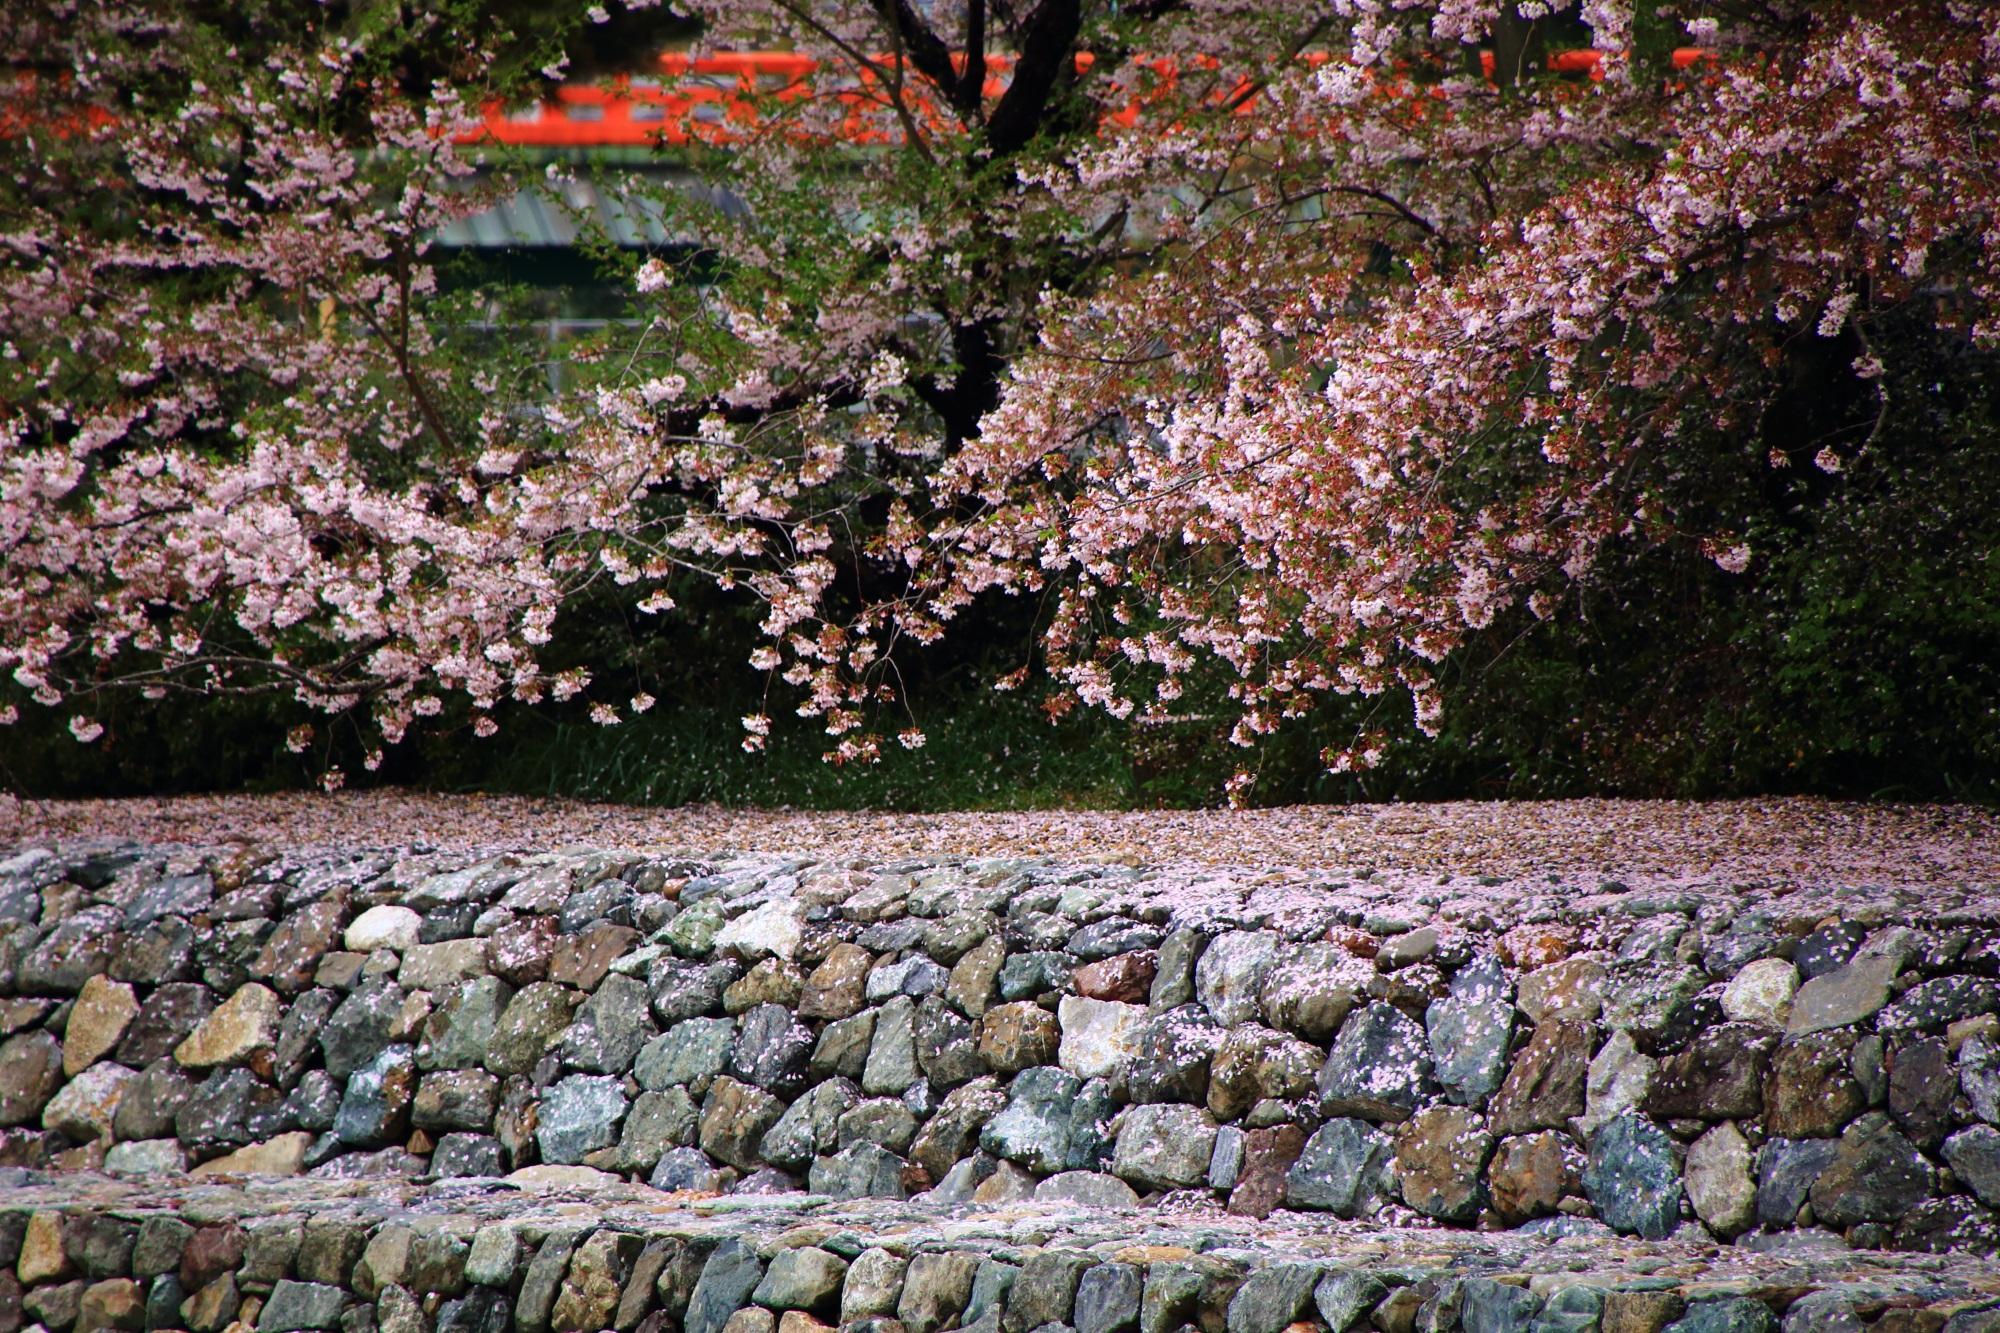 対岸から眺めた春色の桜と散り桜